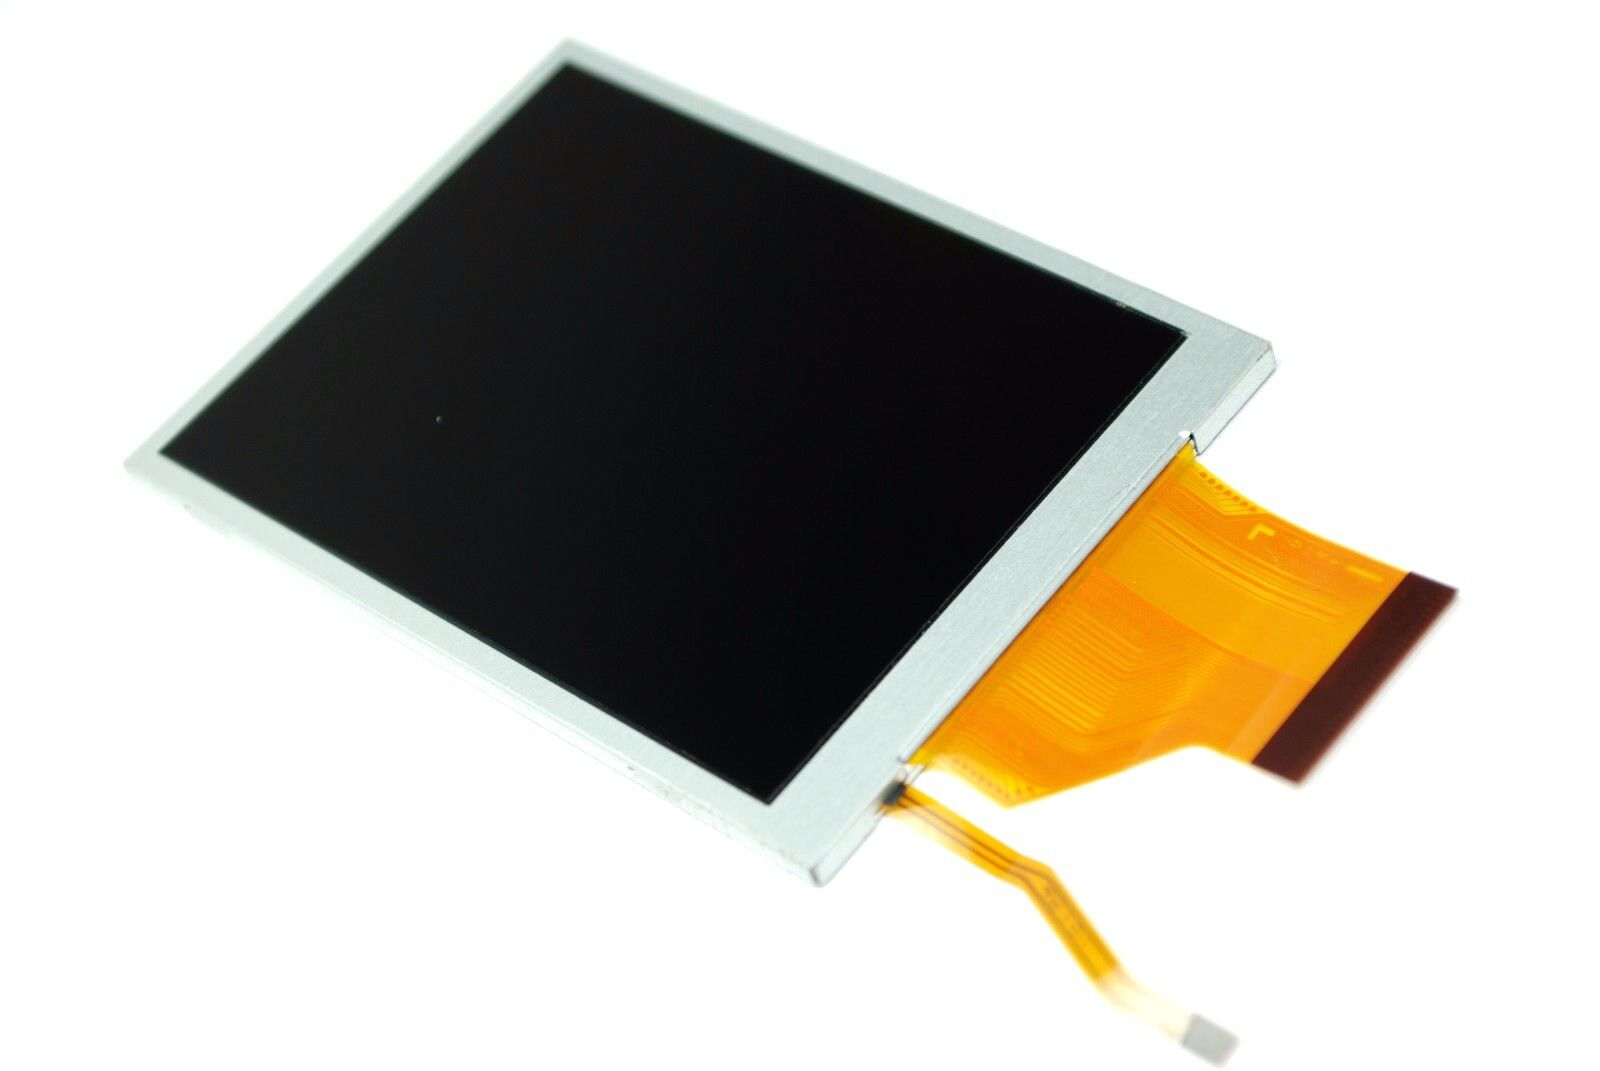 LCD Screen Display For Nikon D5200 D3300 Digital camera w// Backlight repair part